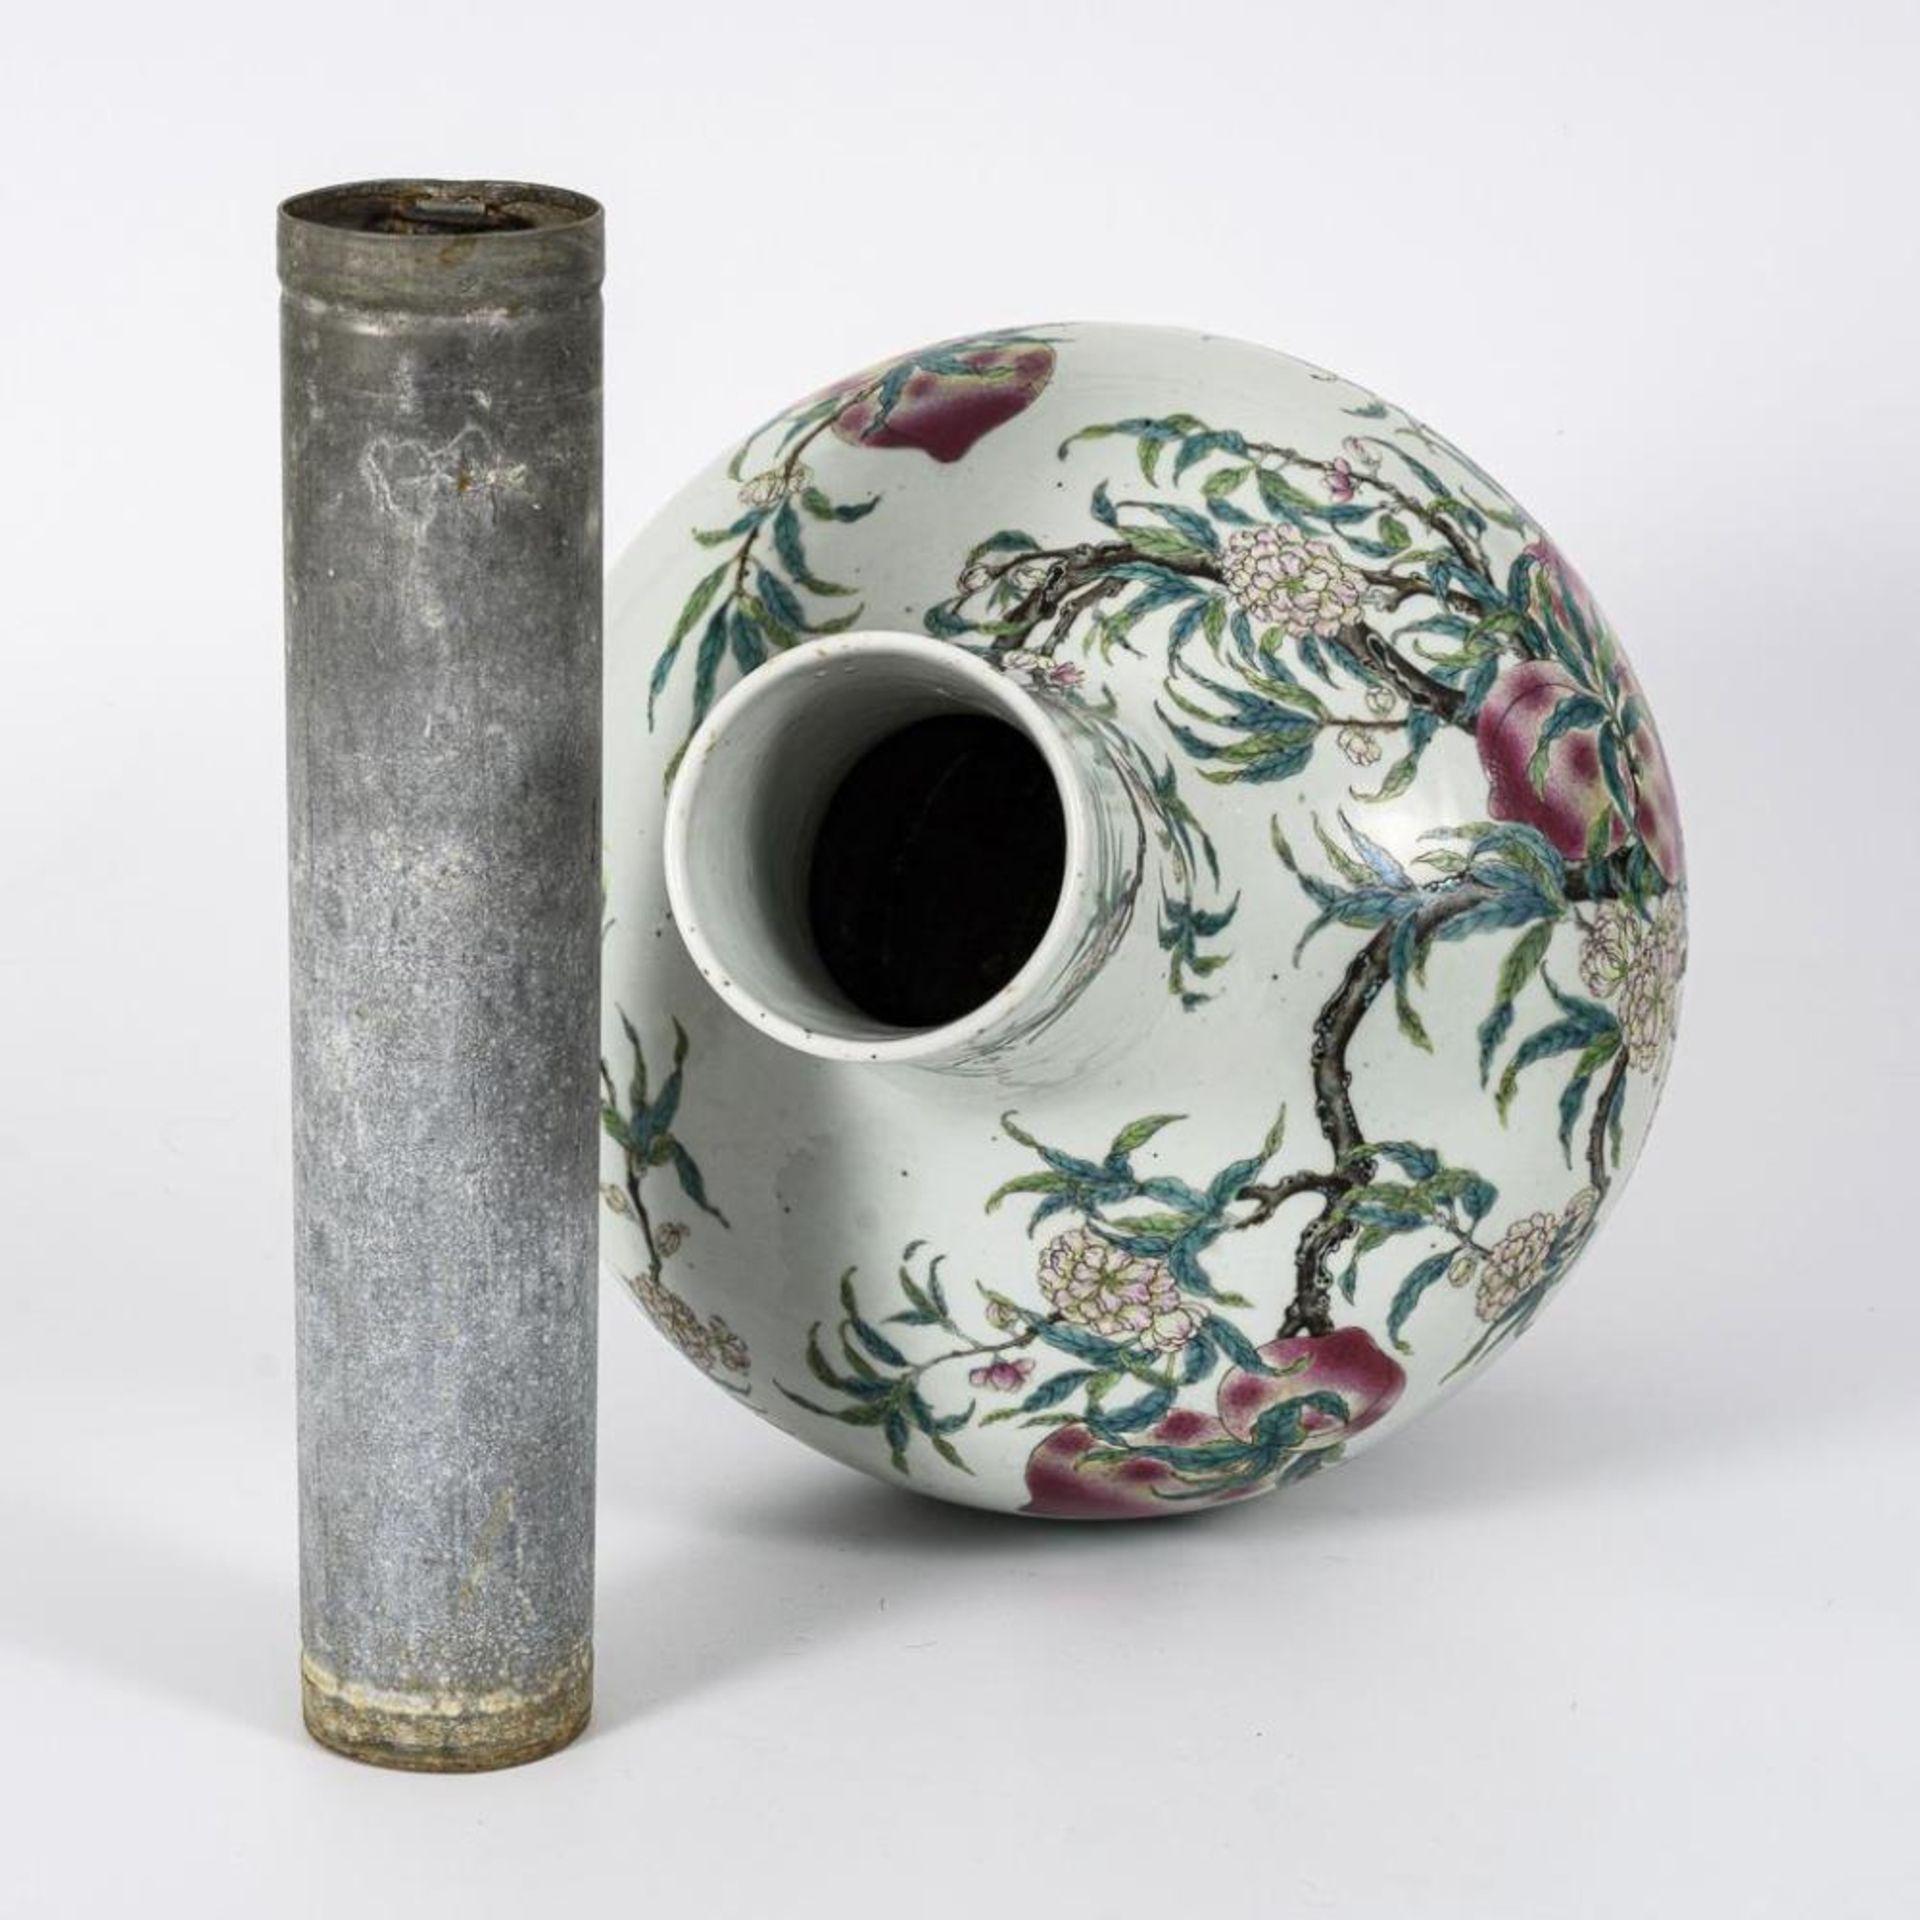 Große, museale Vase mit Pfirsichen und Pfirsichblüten - Image 8 of 10